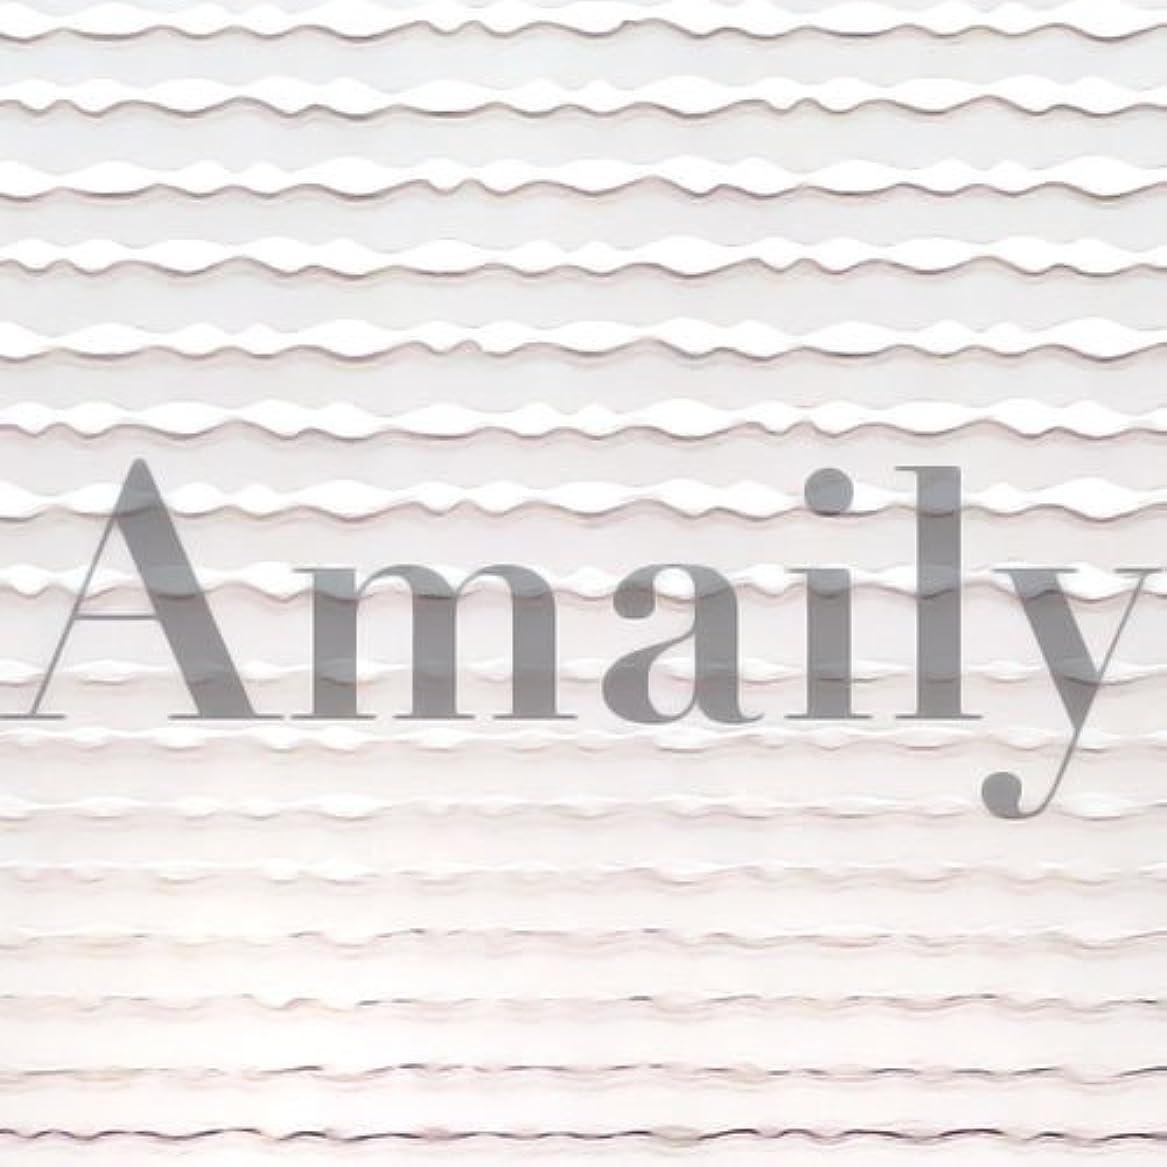 移動上げるグリルAmaily(アメイリー)波ライン シルバー【ネイルアート、ネイルシール、ネイル パーツ】